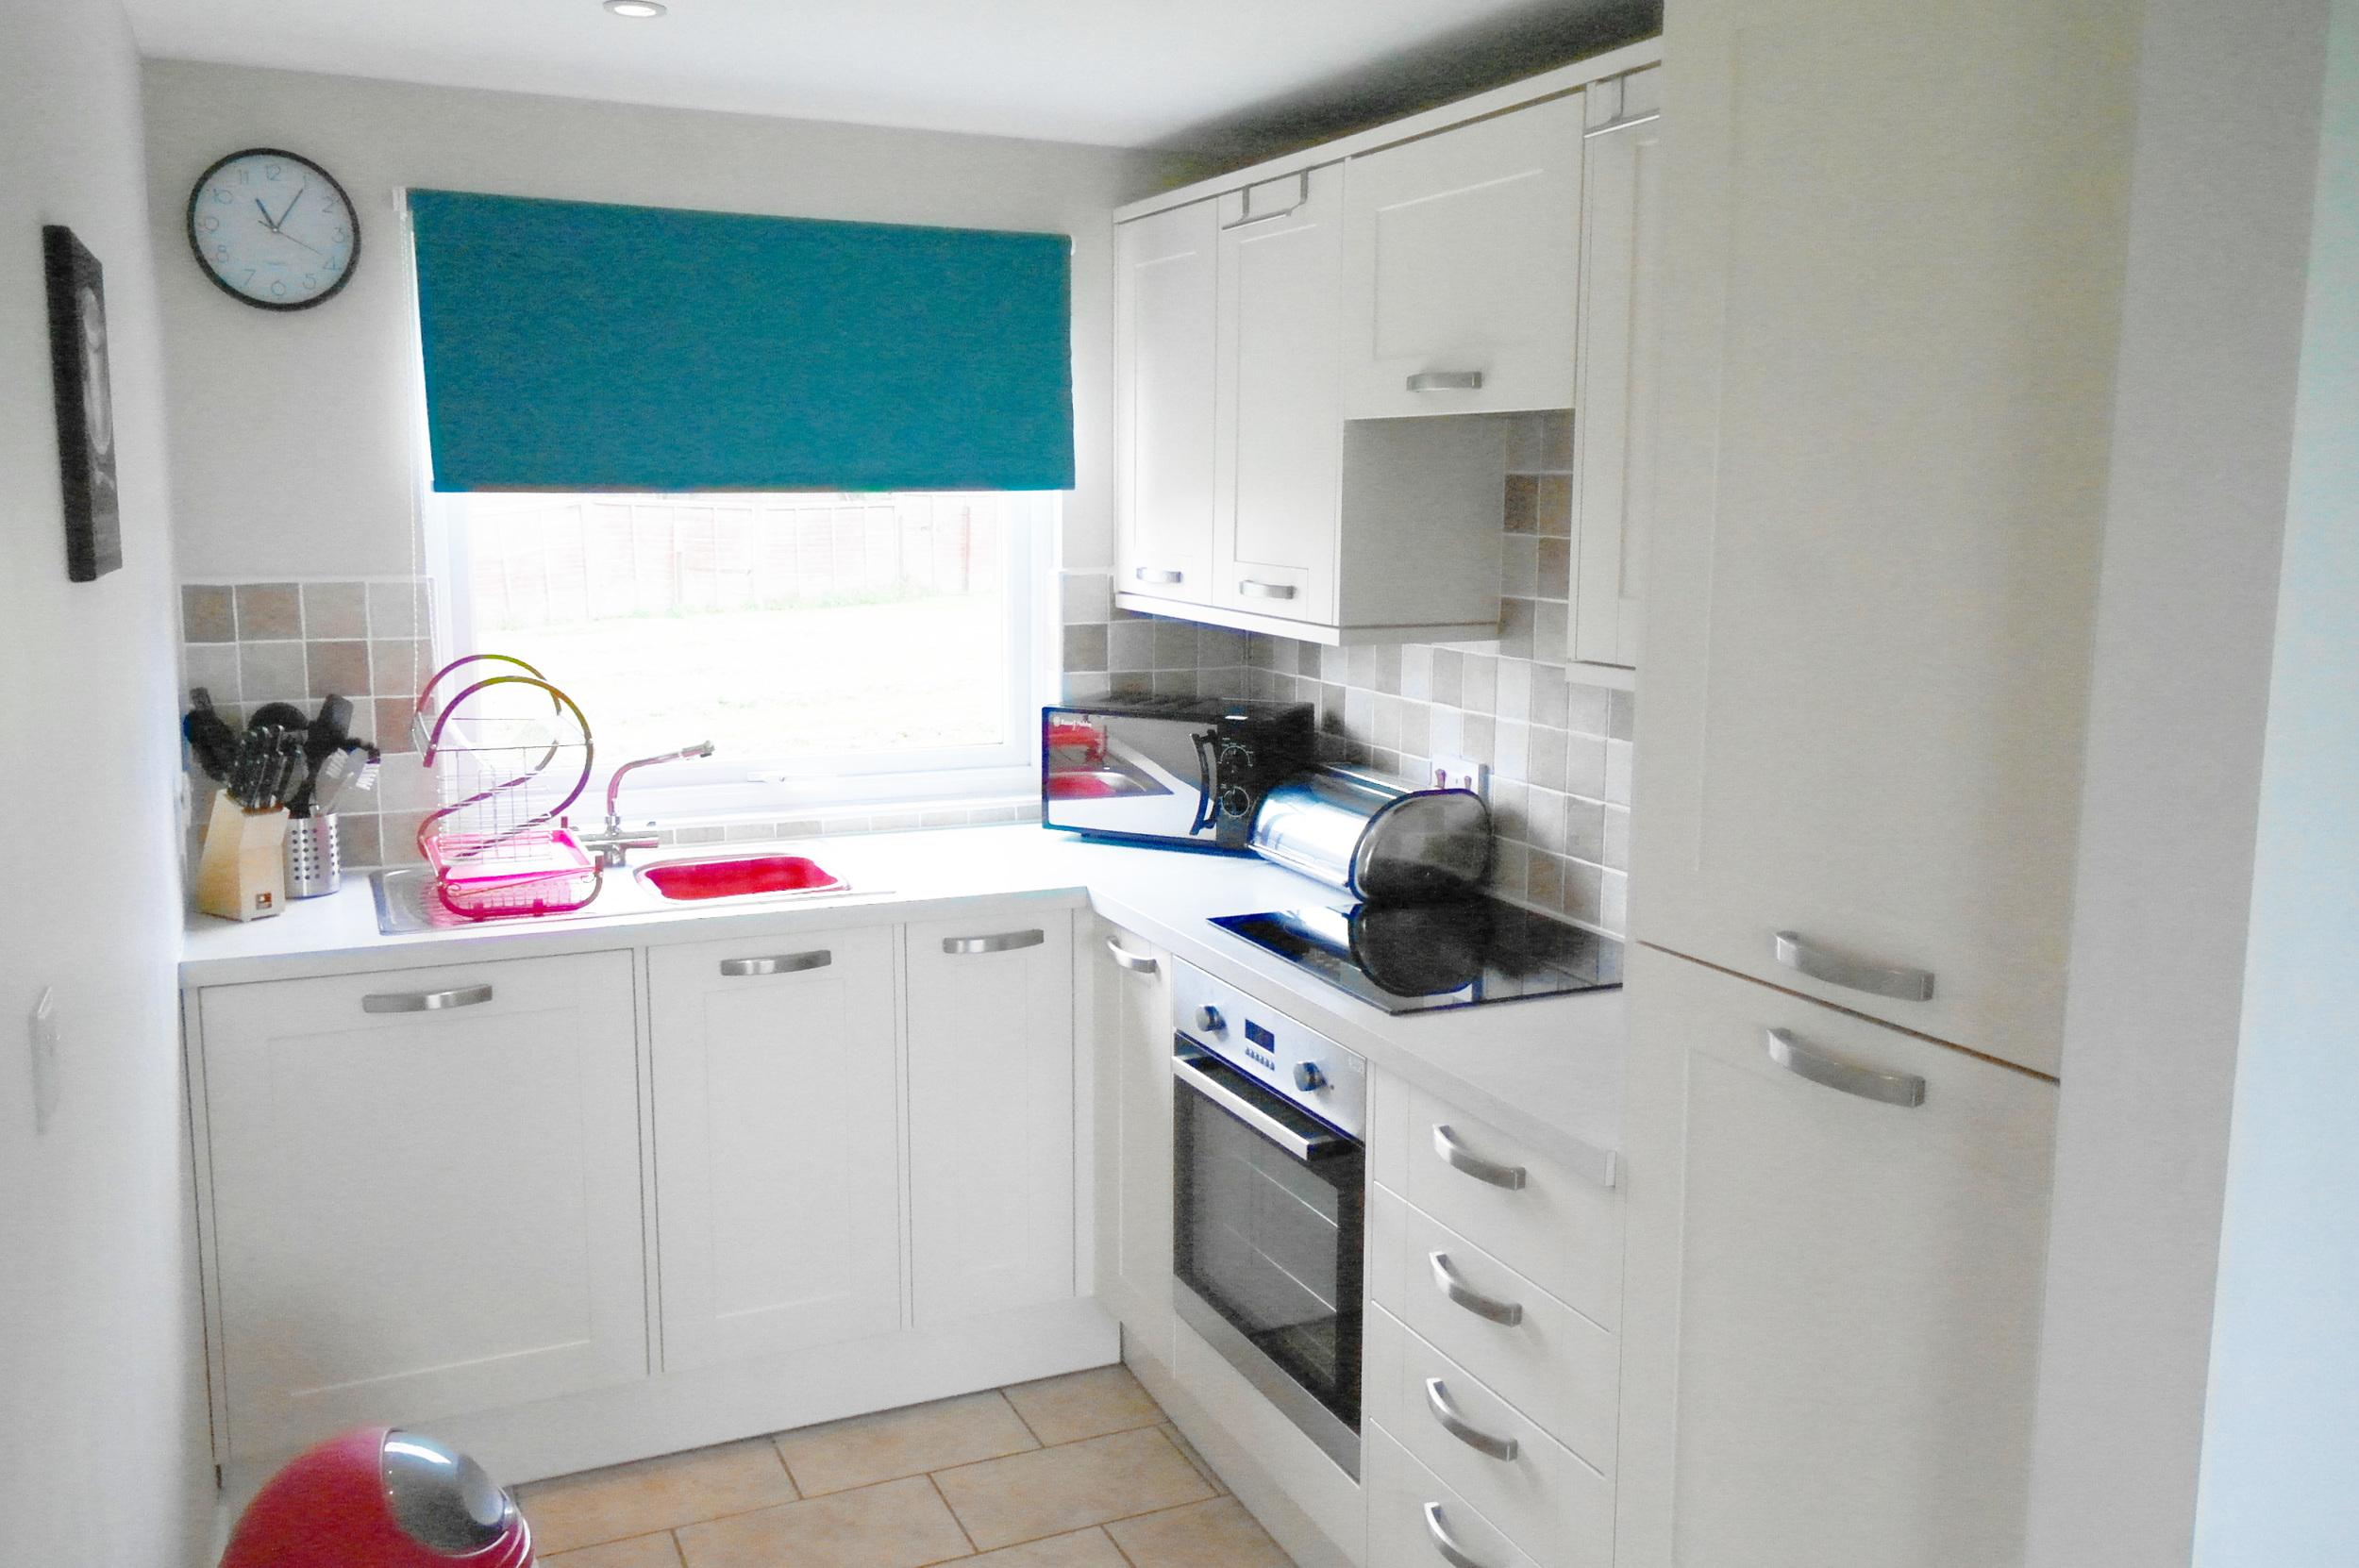 holkham kitchen.jpg